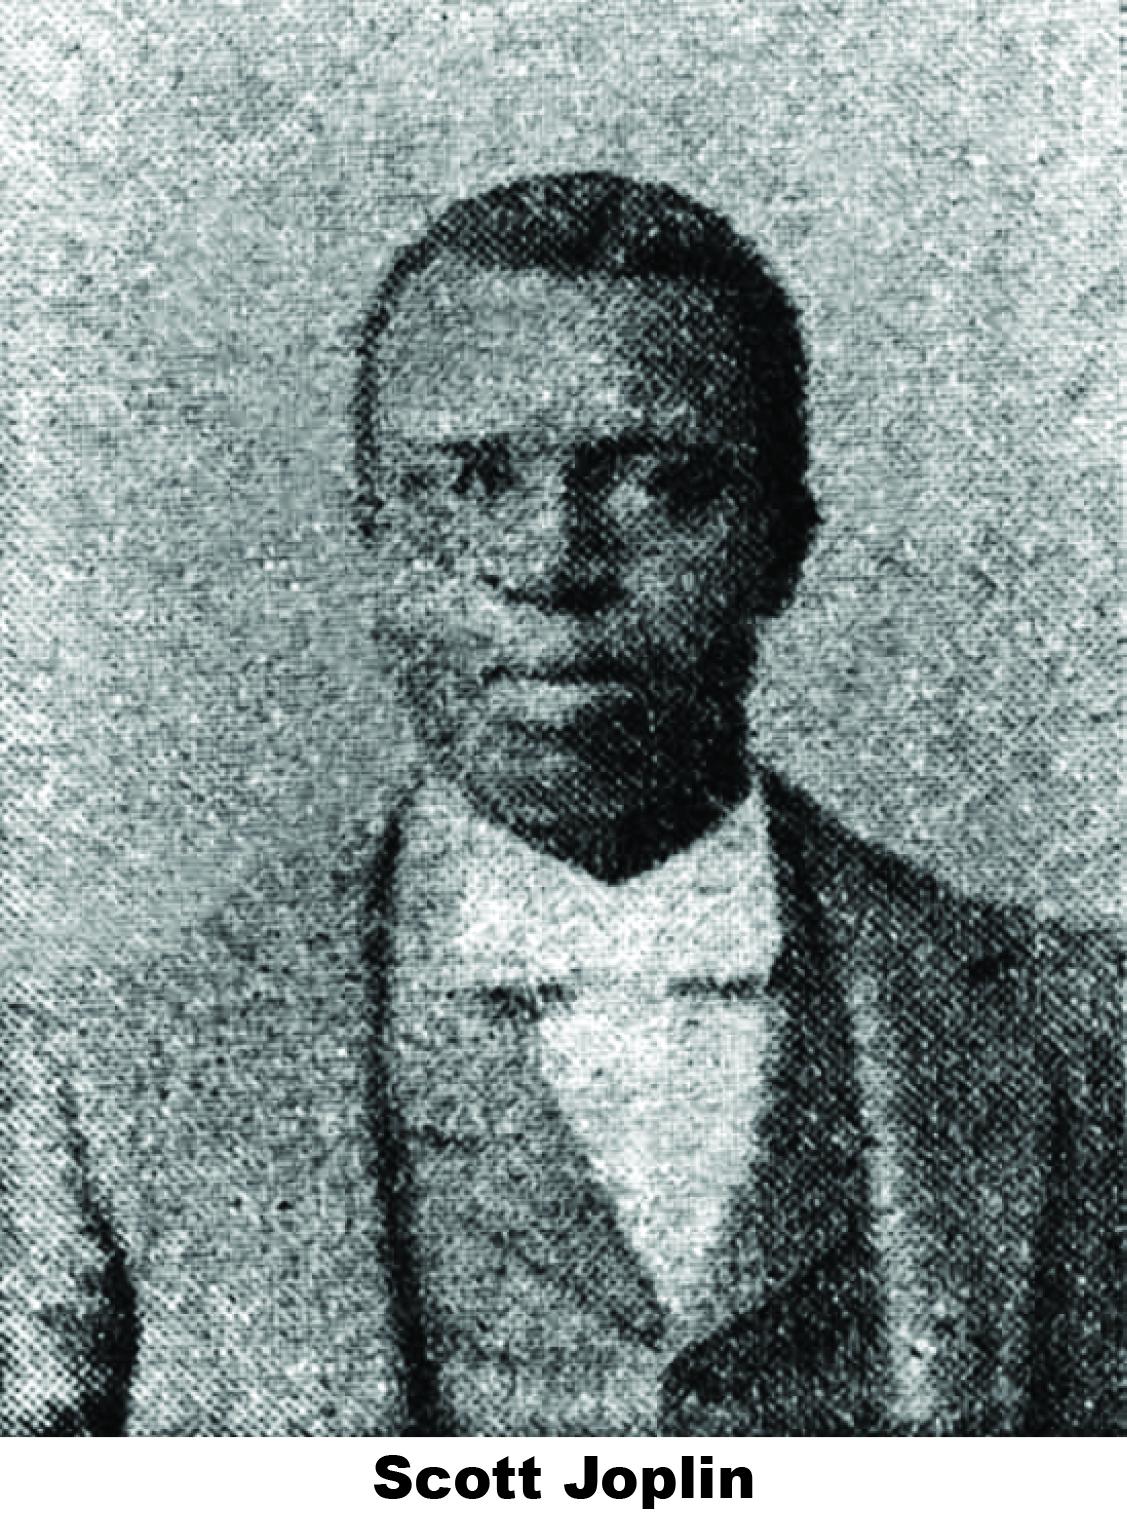 Scott Joplin - Photographer Unknown